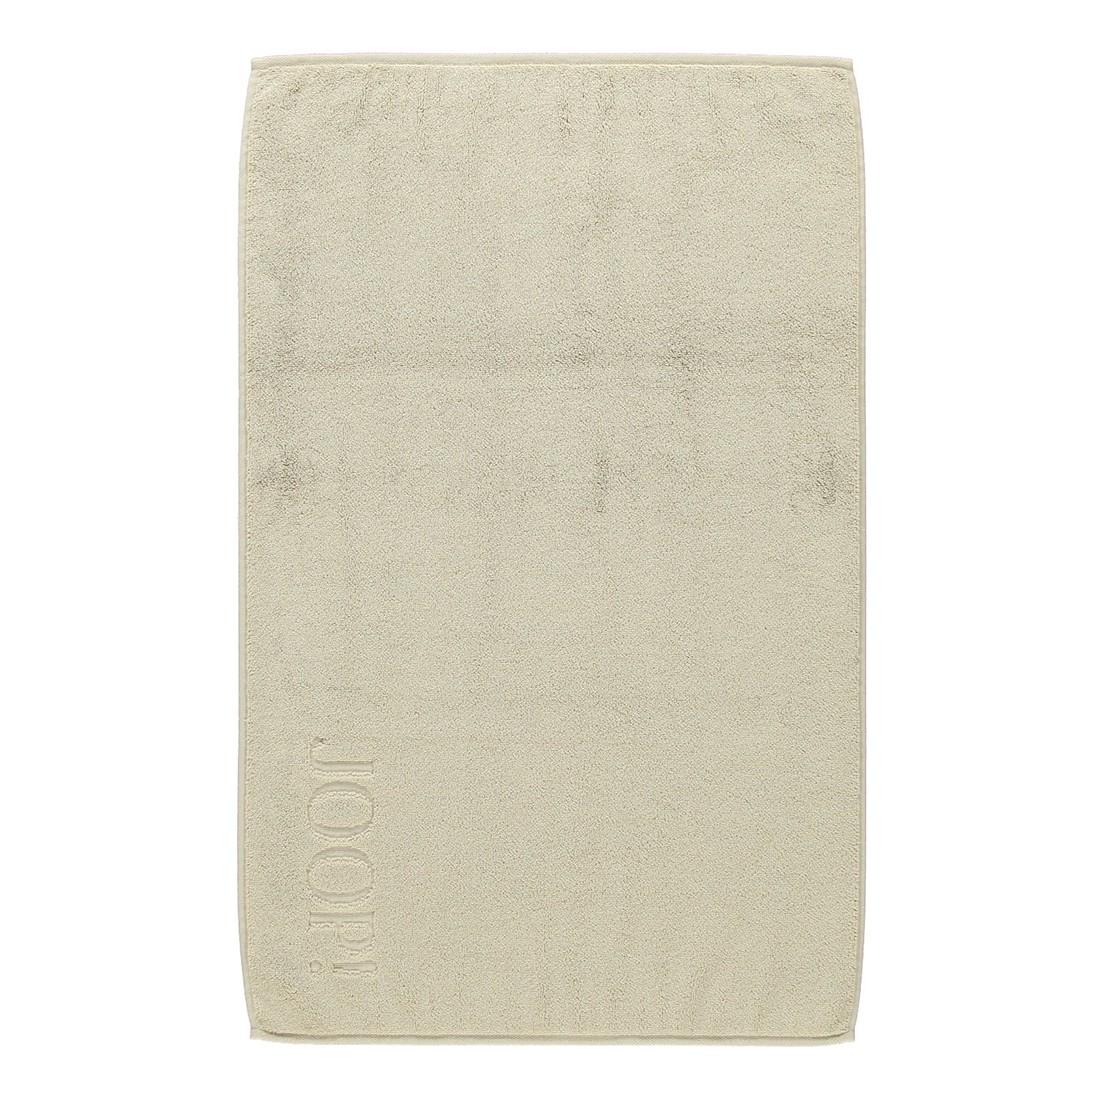 Badematte Basic – 100% Baumwolle sand – 380, Joop günstig kaufen